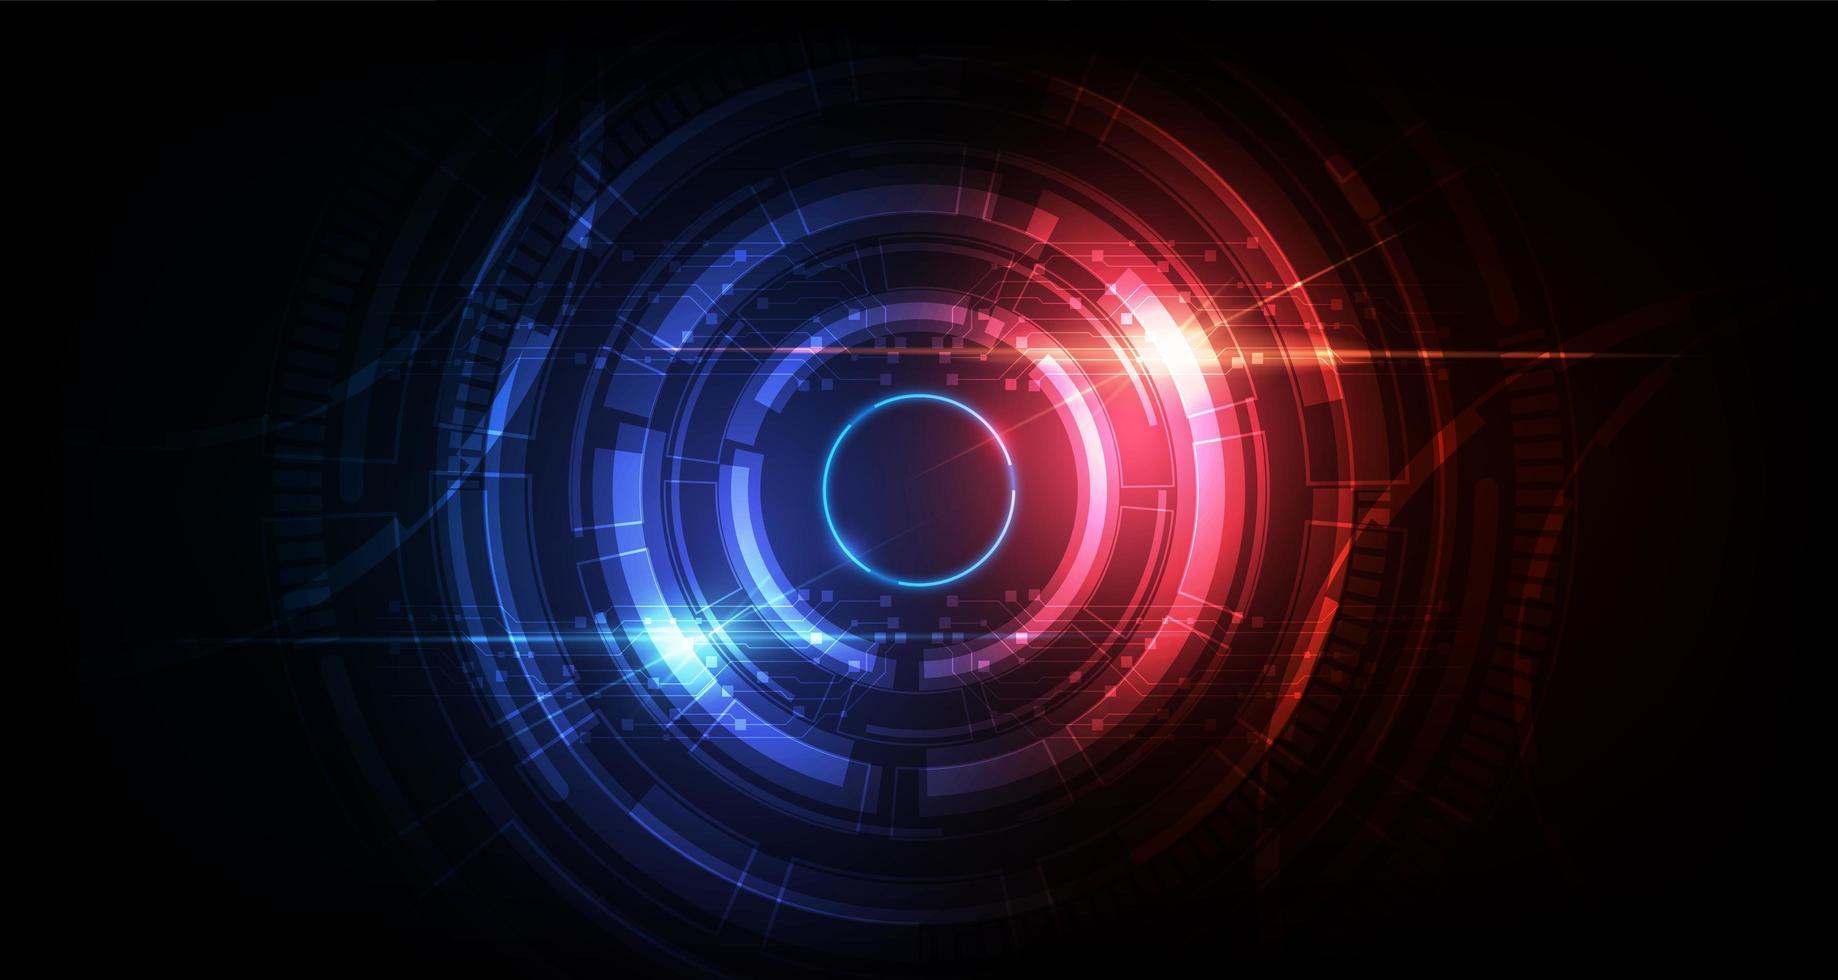 fond de technologie futuriste cercle abstrait vecteur